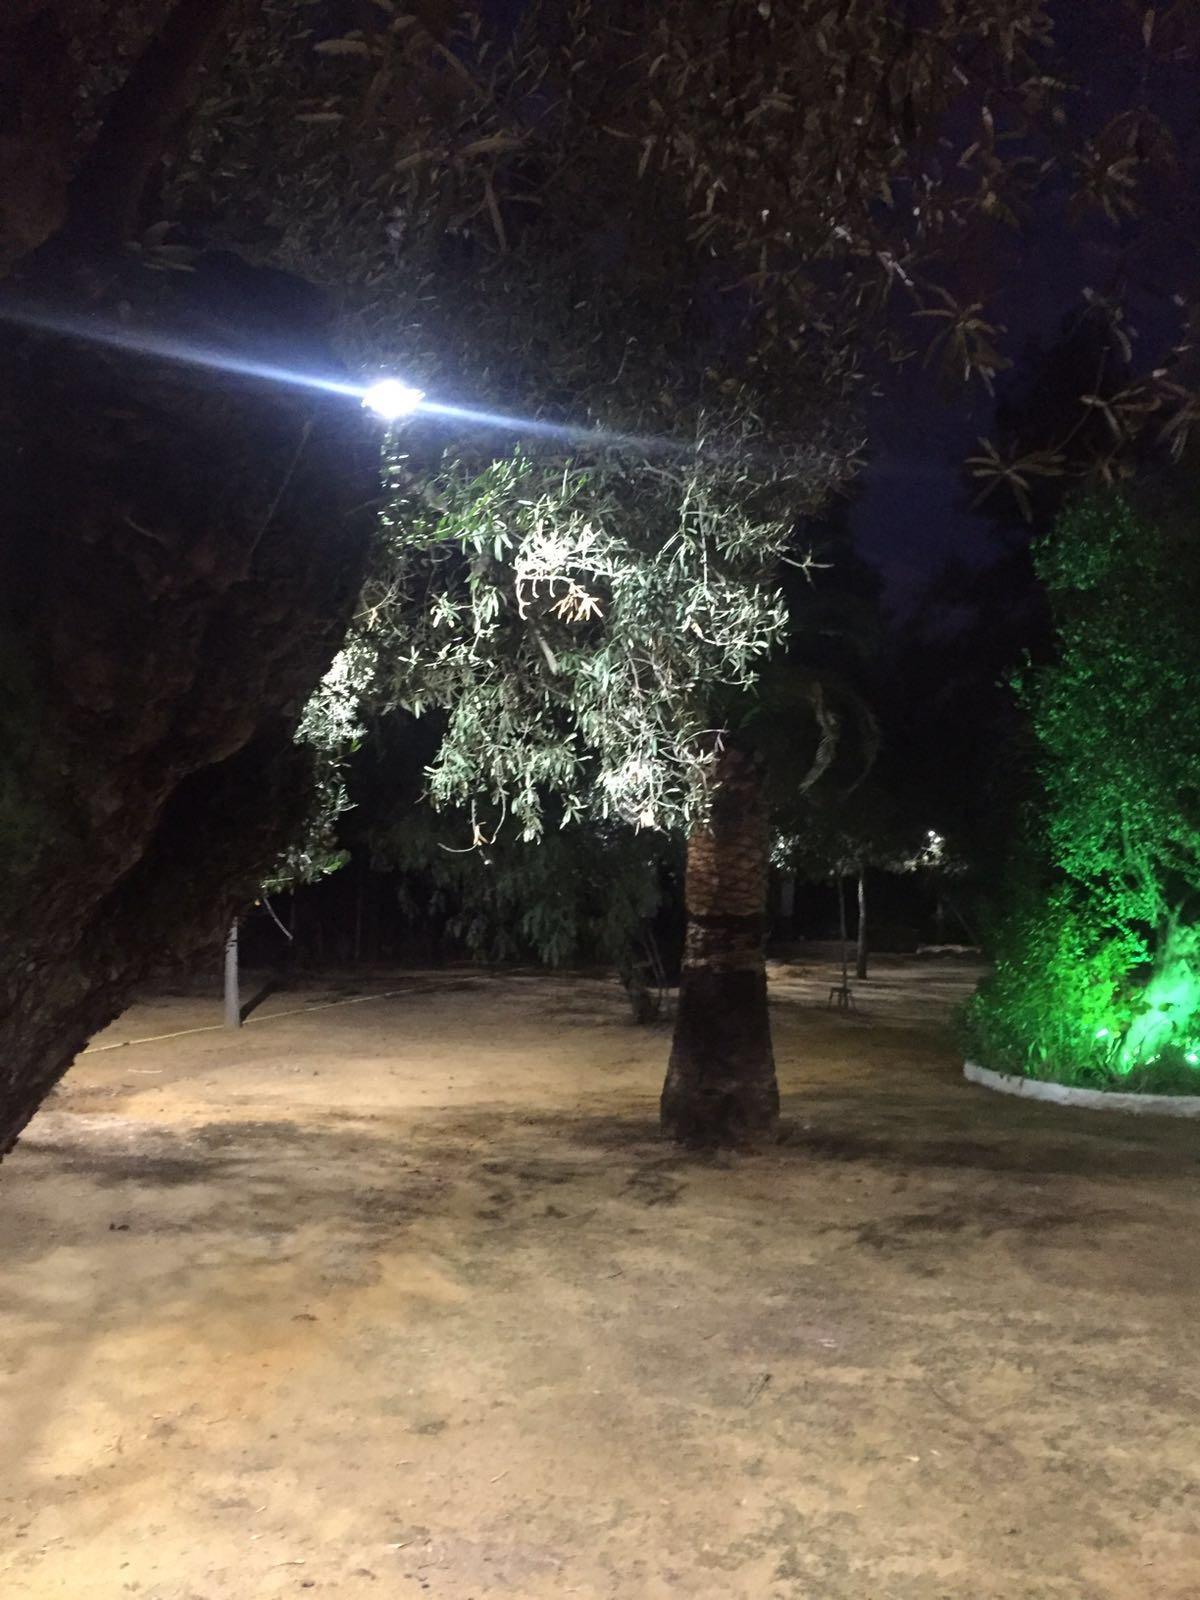 iluminacin para jardines y eventos